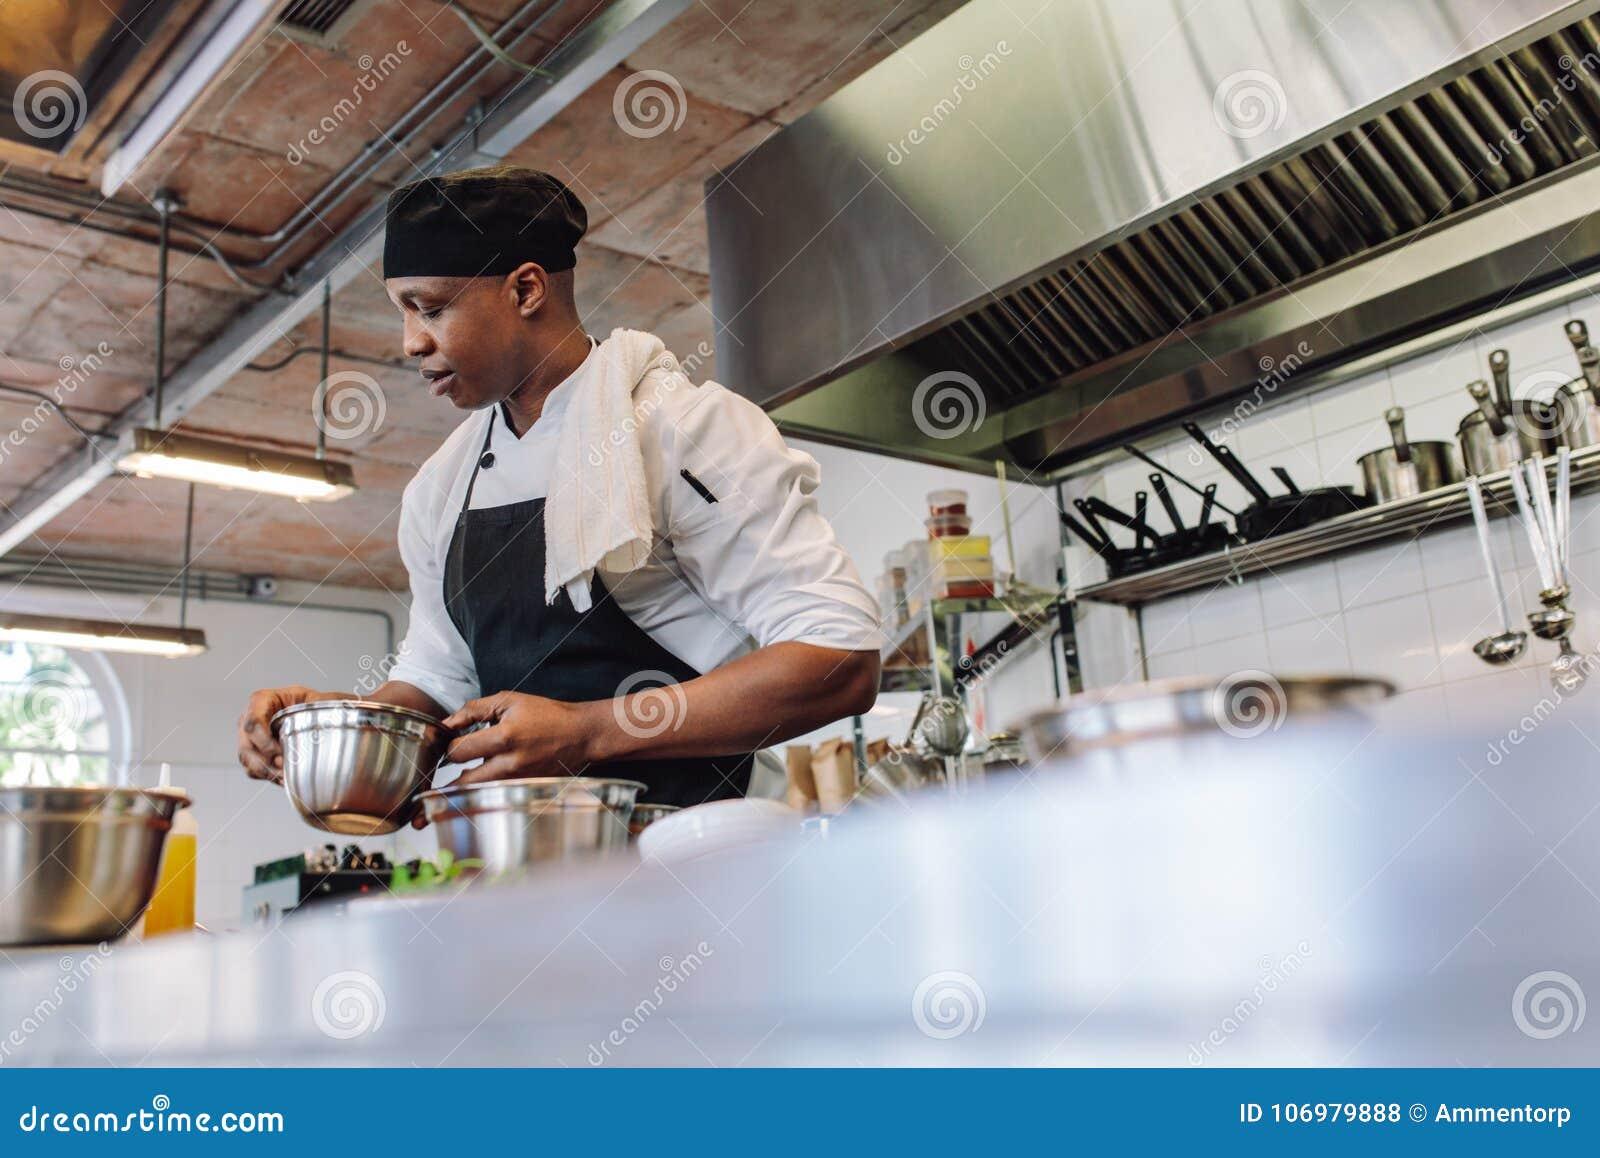 Chef-kok kokend voedsel in een commerciële keuken